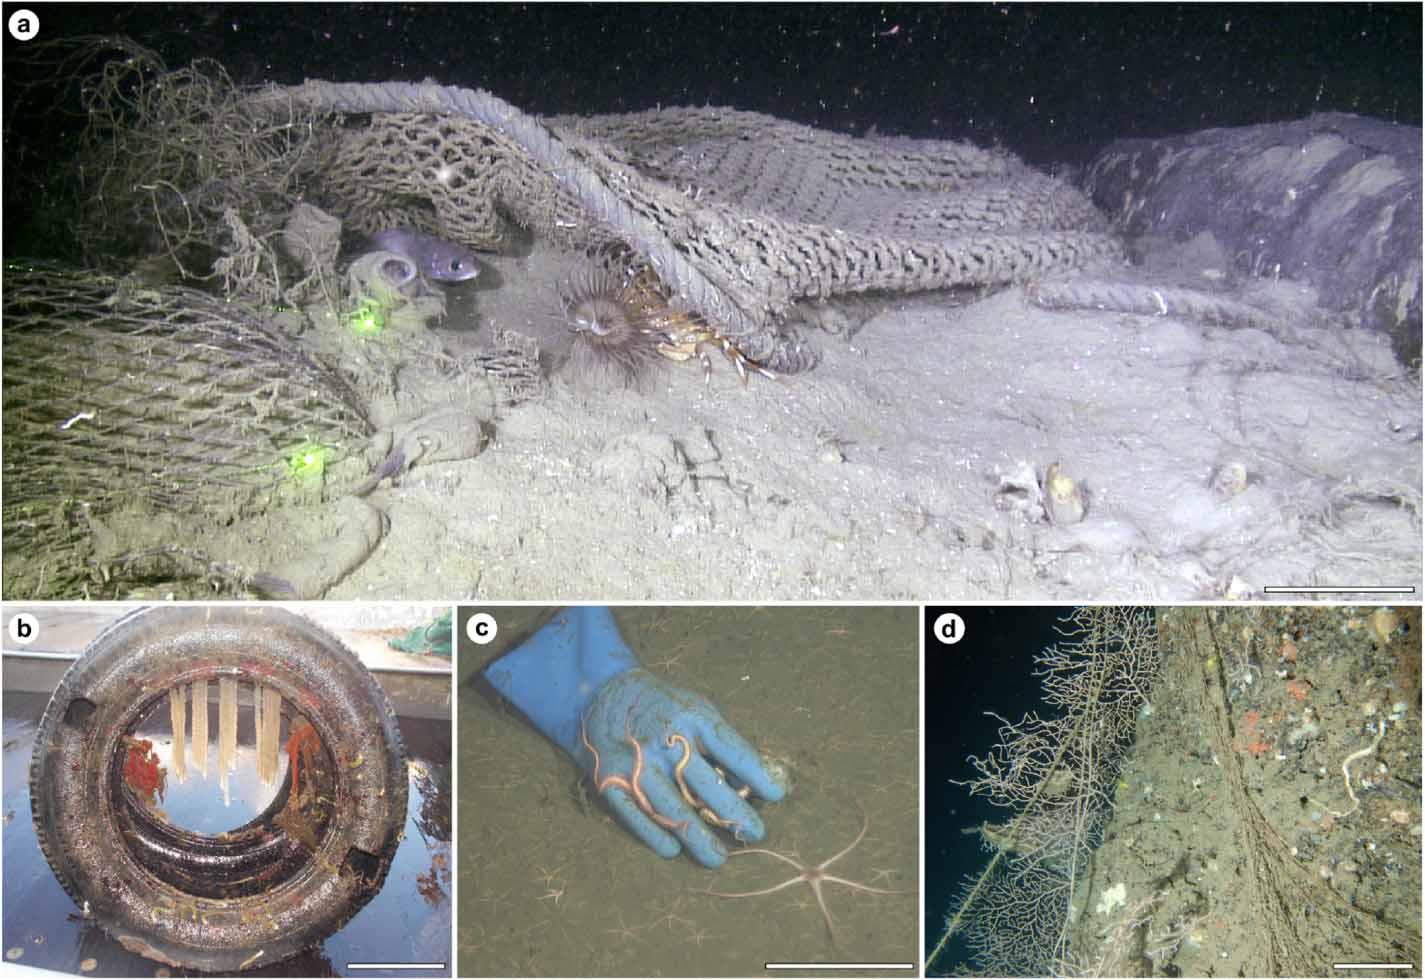 Interazioni tra la fauna marina e i rifiuti.